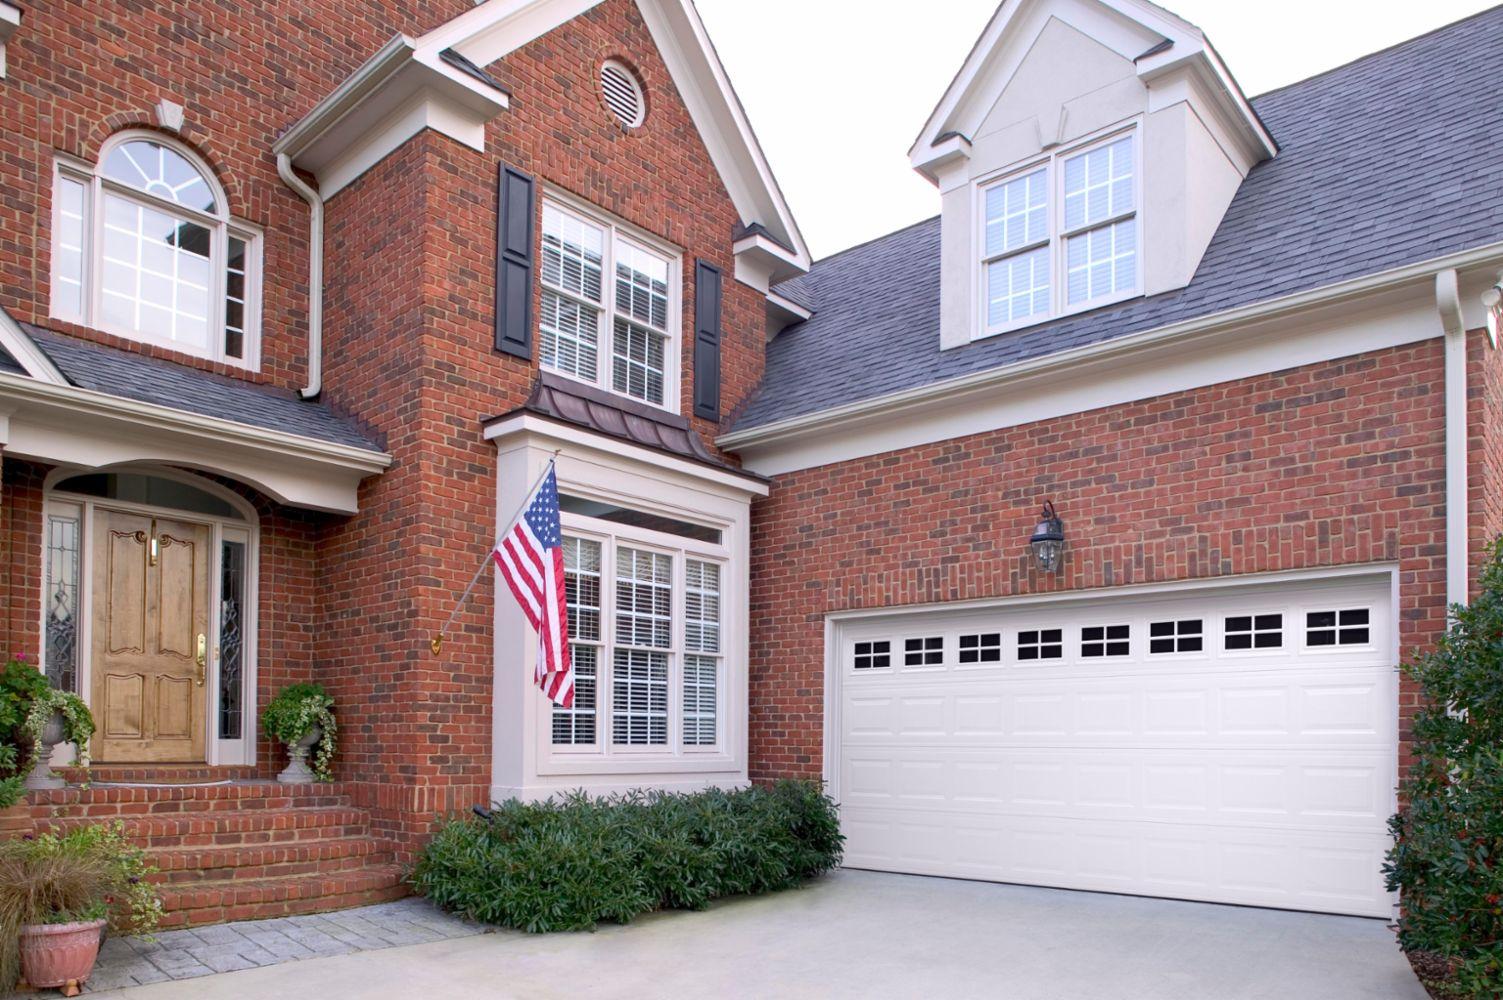 1000 #734840 Garage Door Repair Service Ontario CA (909) 7841740 In Ontario CA  picture/photo Amarr Garage Doors Reviews 37891503